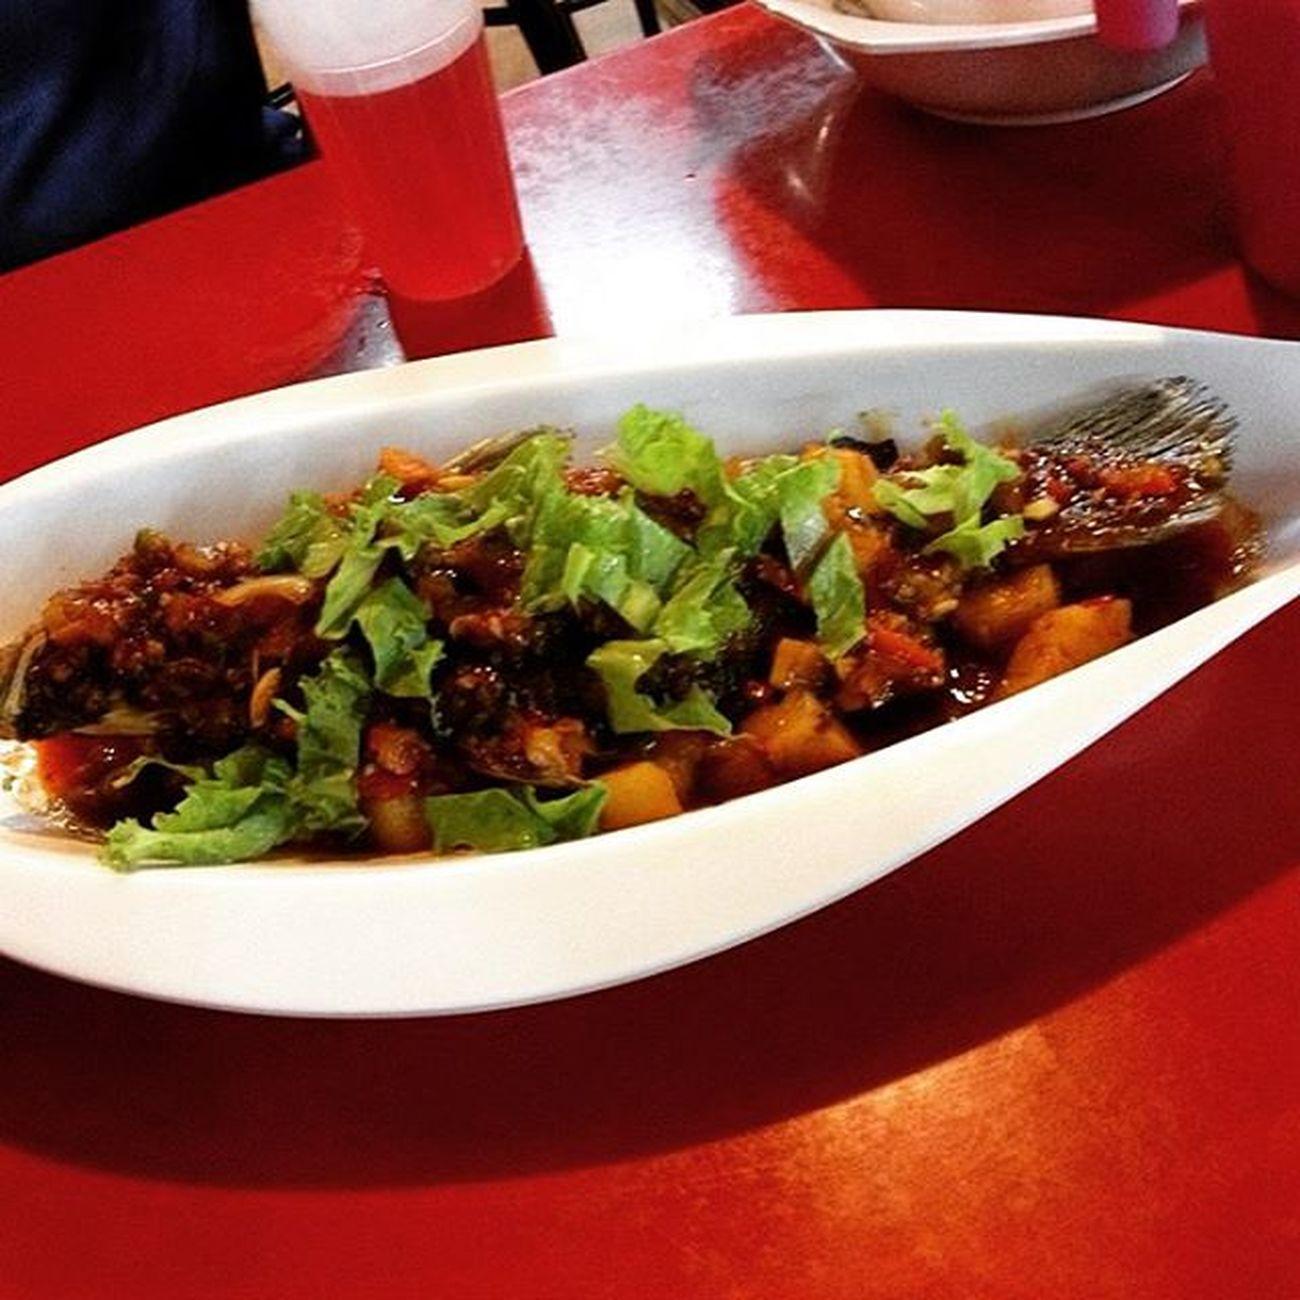 ItangSiakapTigaRasa Malaysia Foodporn Food Foodphotography Asian  Asiancuisine ASIA